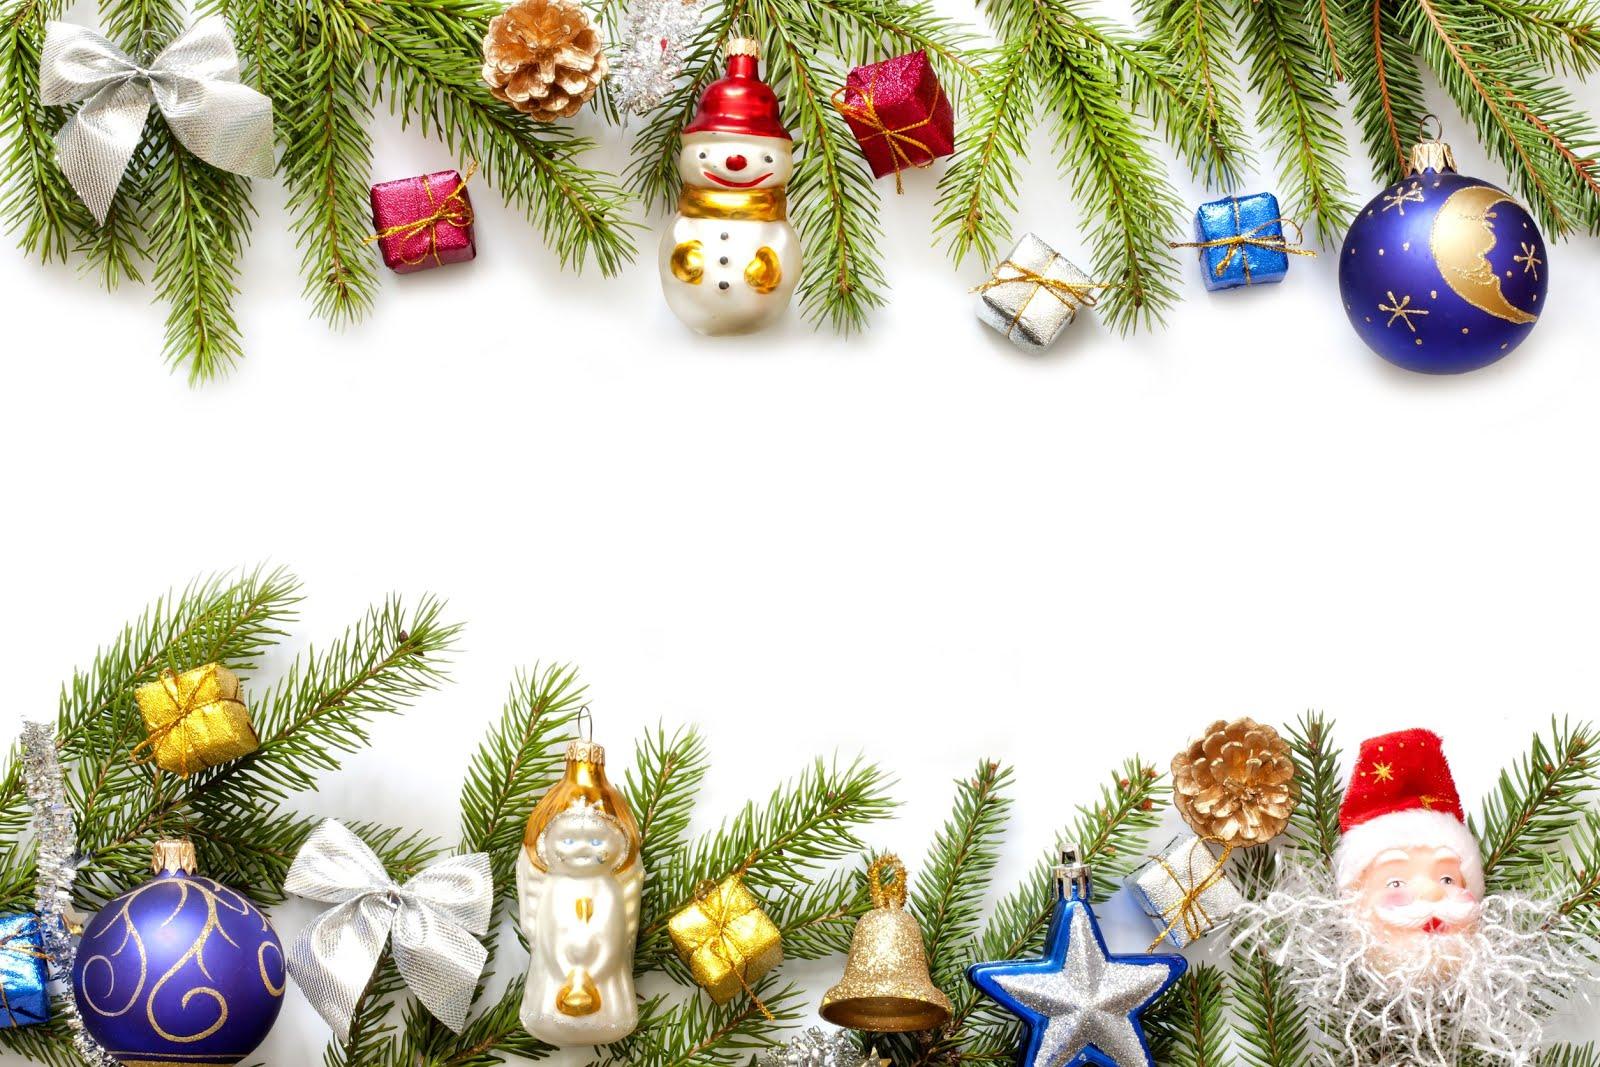 Fotos Para Tarjetas De Navidad. Free Tarjetas De Navidad Para ...